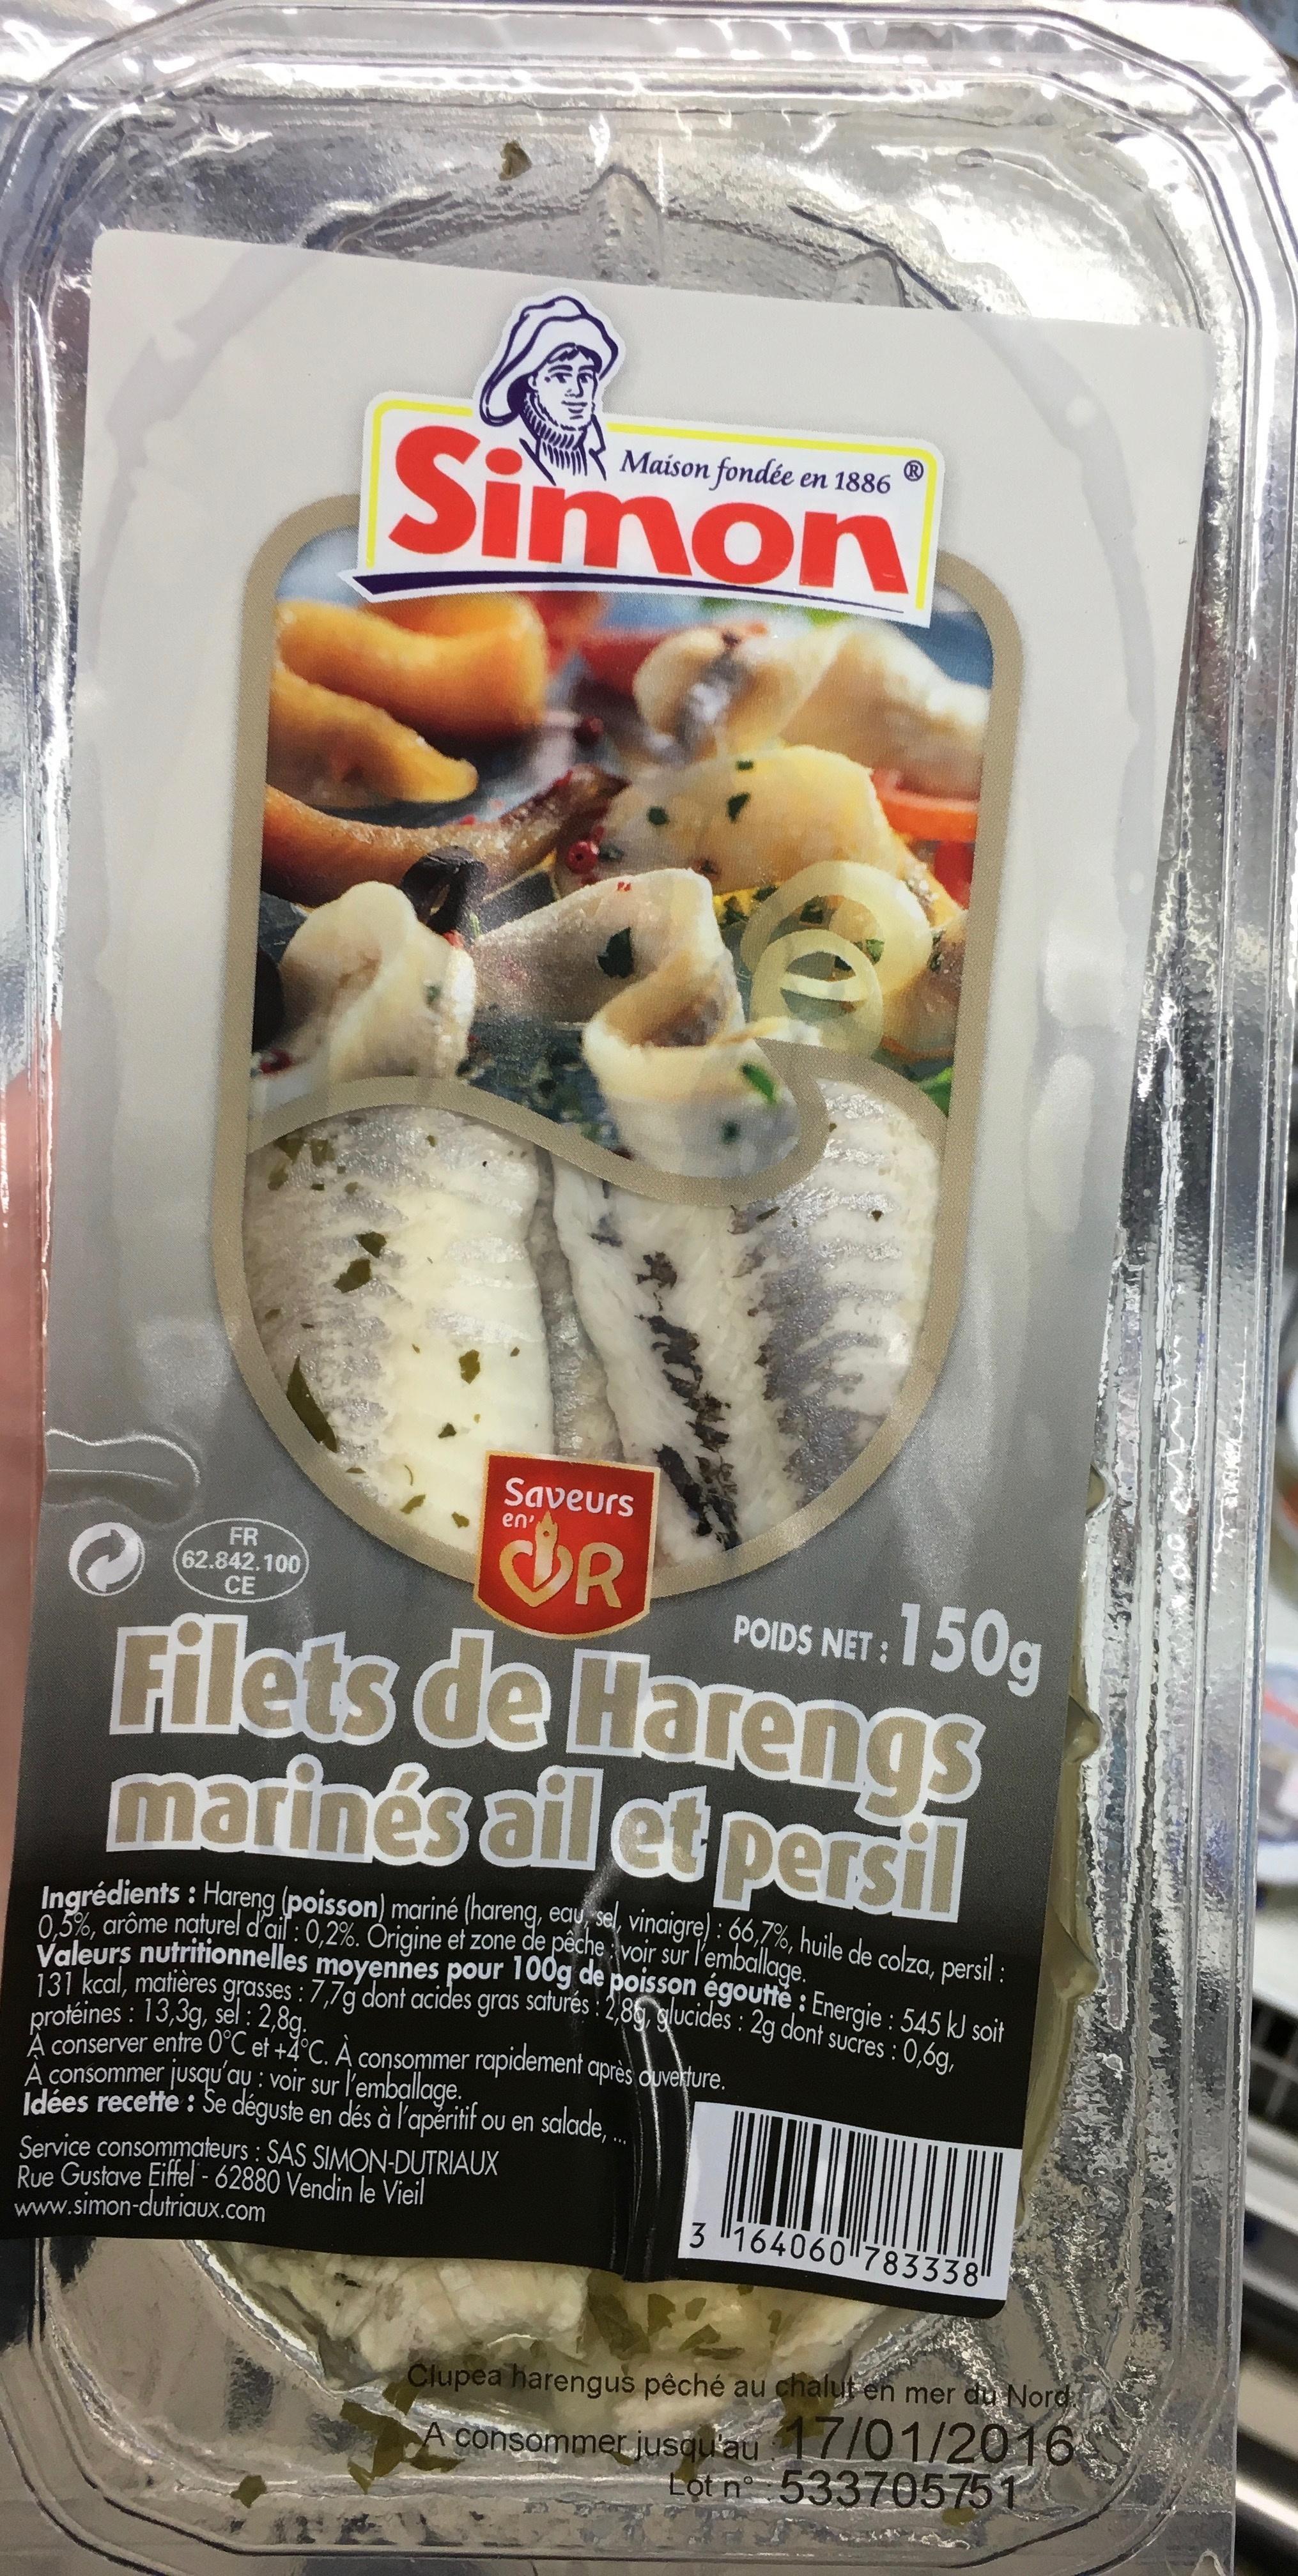 Filets de Harengs marinés ail et persil - Produit - fr